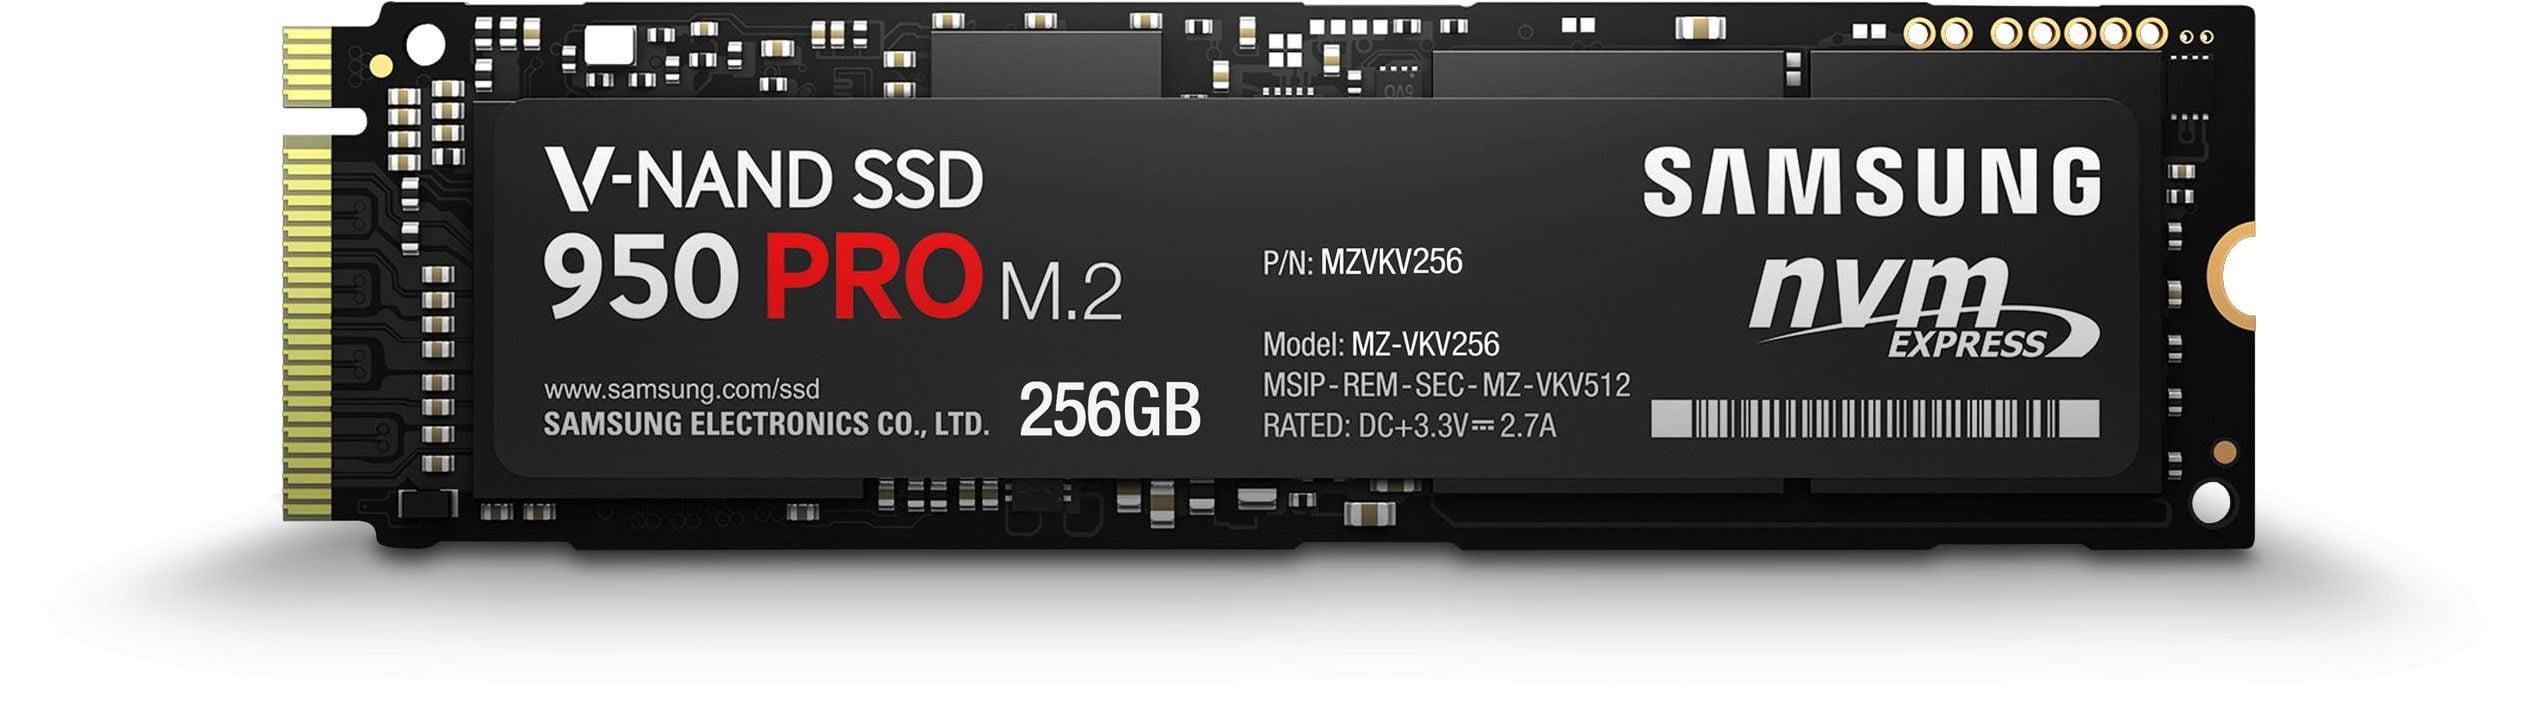 Nên mua SSD hãng nào hinh anh 1